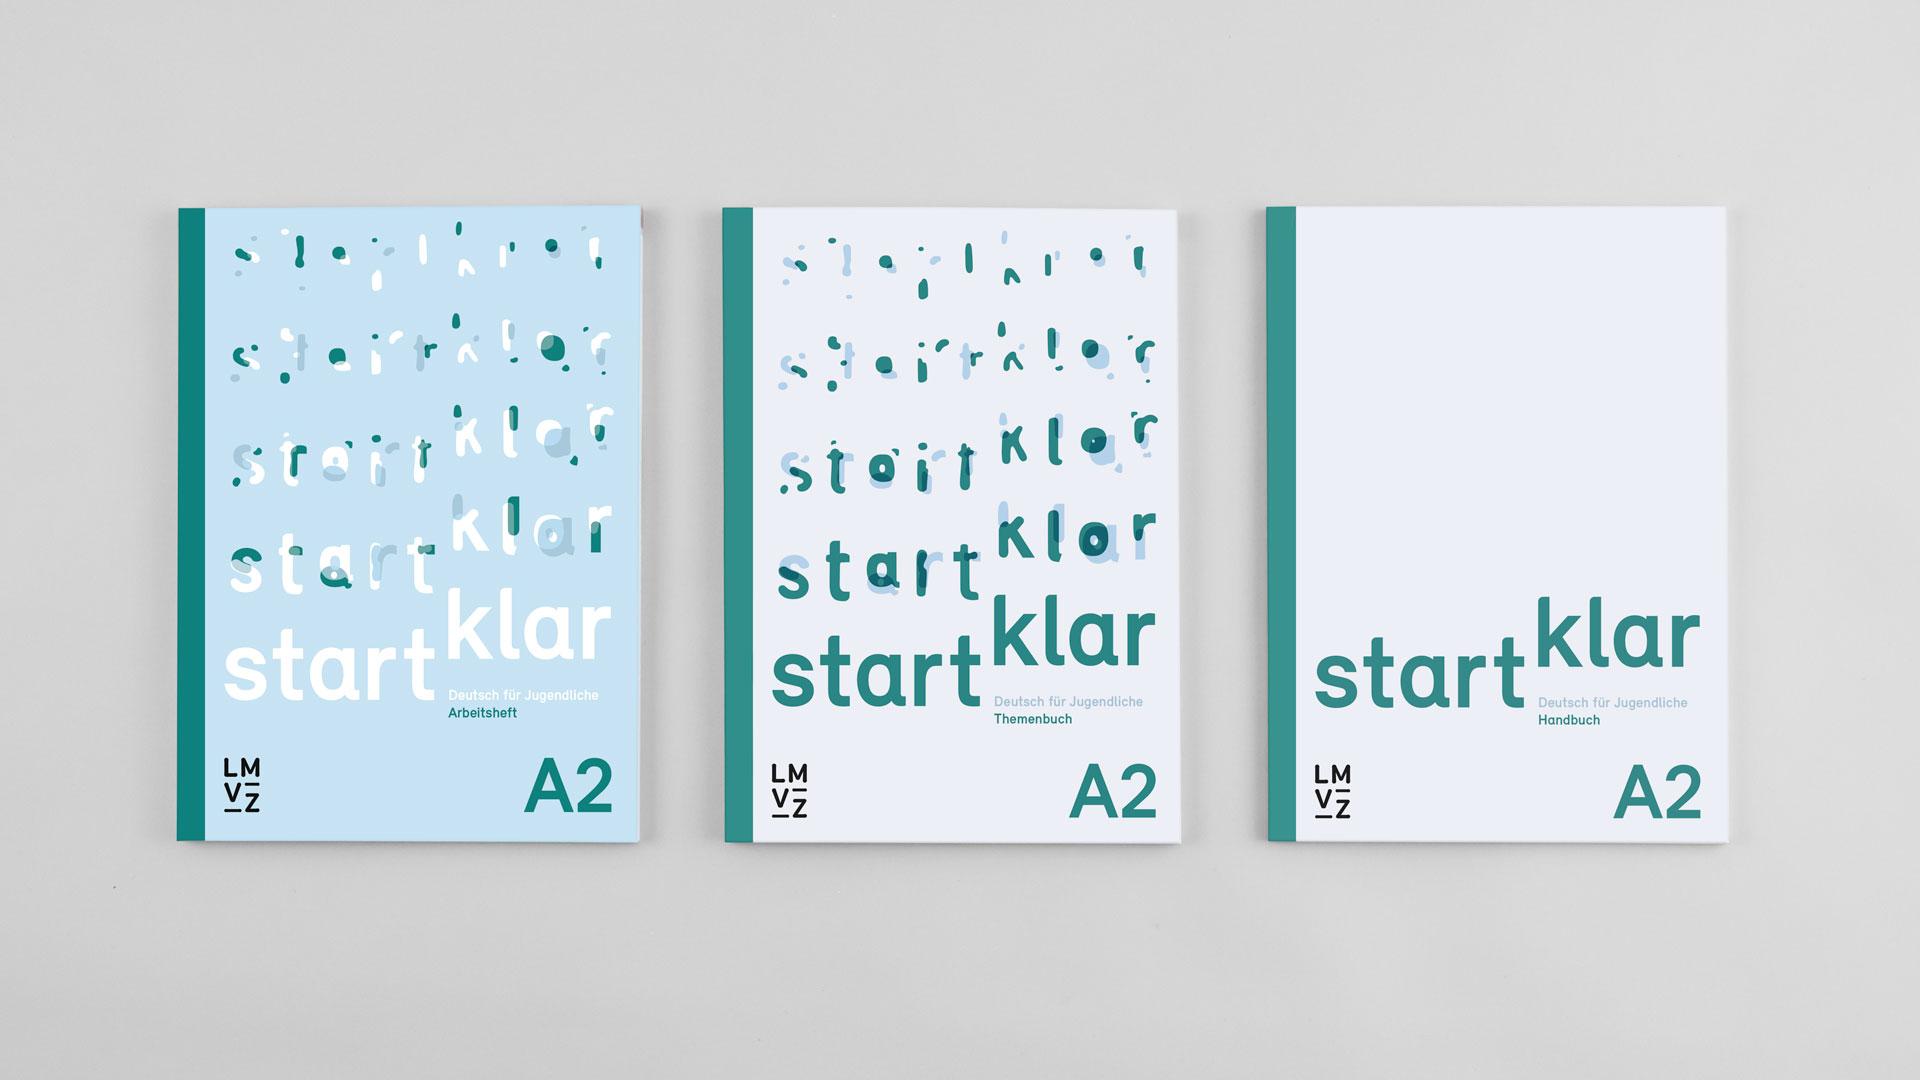 l'équipe [visuelle] – Grafik Werbung Agentur Luzern Emmenbruecke – Lehrmittelverlag-Zuerich – startklar Lehrmittel, Deutsch als Zweitsprache A2